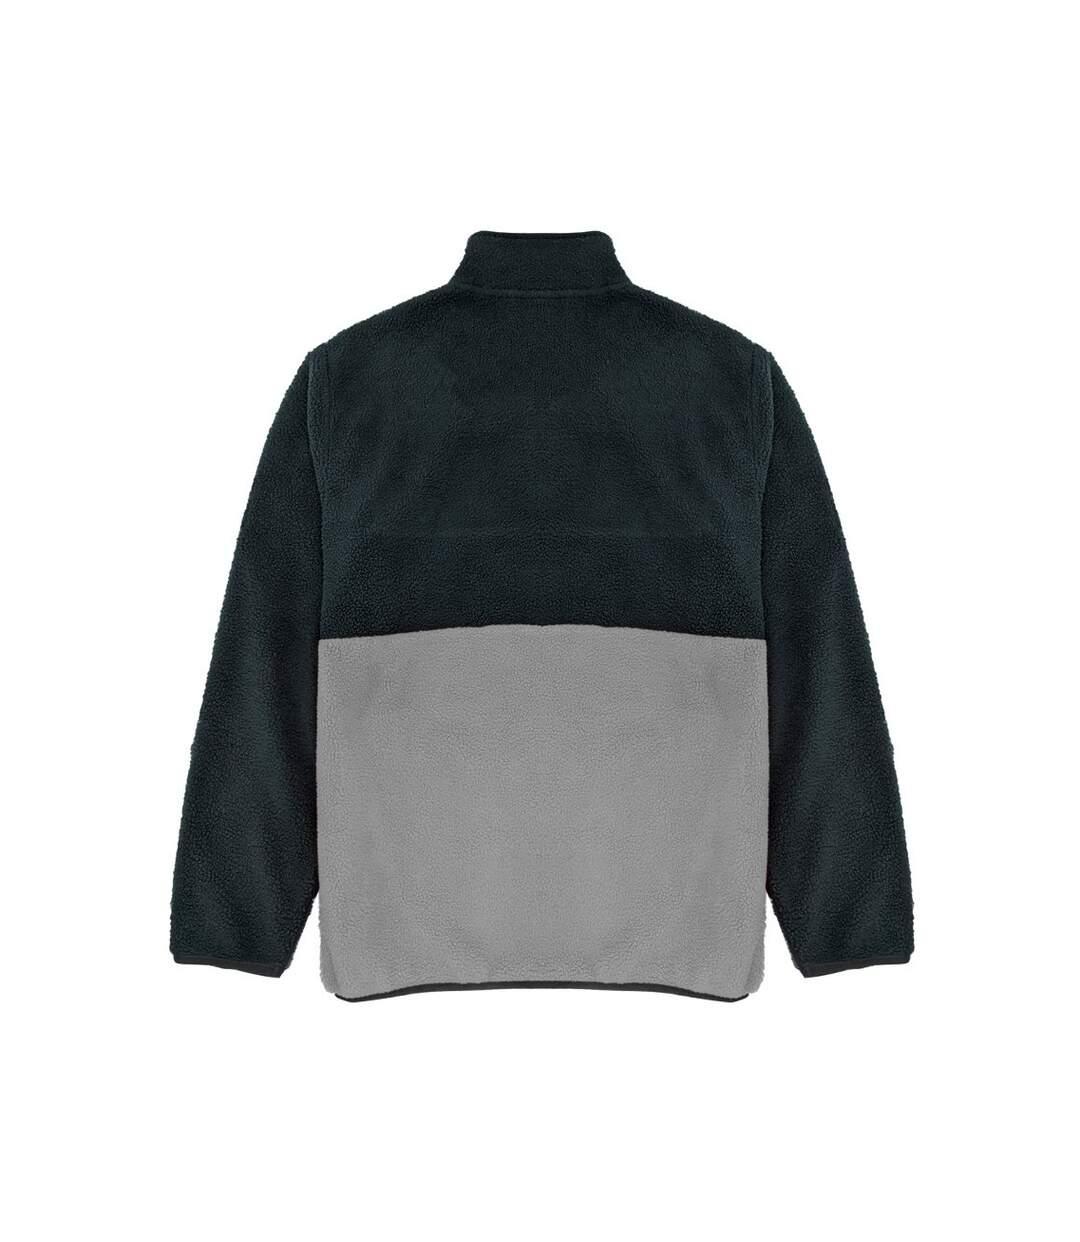 Amplified - Haut polaire DARK SIDE - Homme (Noir / Gris foncé) - UTGD338